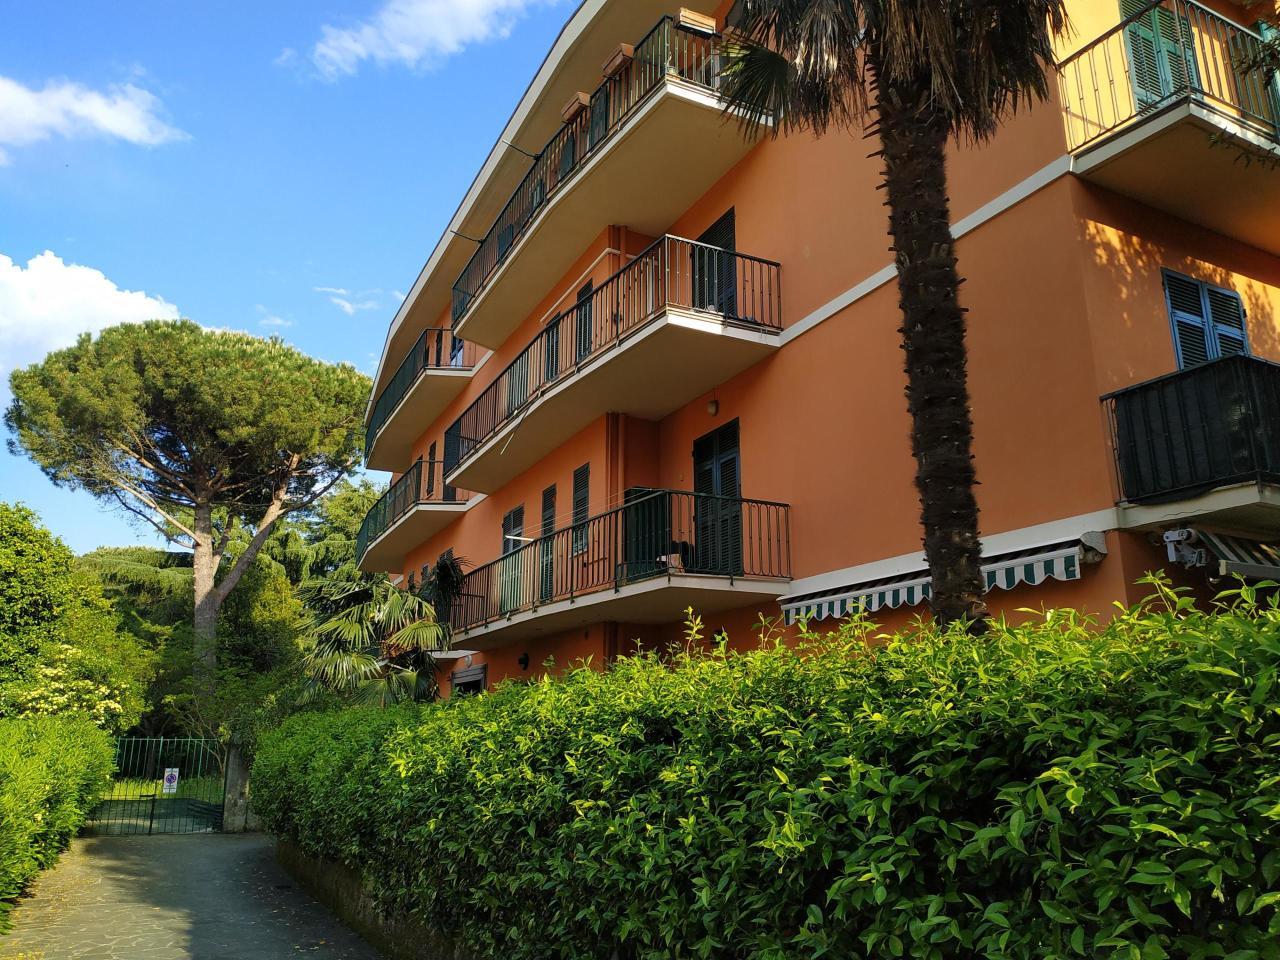 Appartamento in vendita a Sestri Levante, 3 locali, prezzo € 190.000   CambioCasa.it